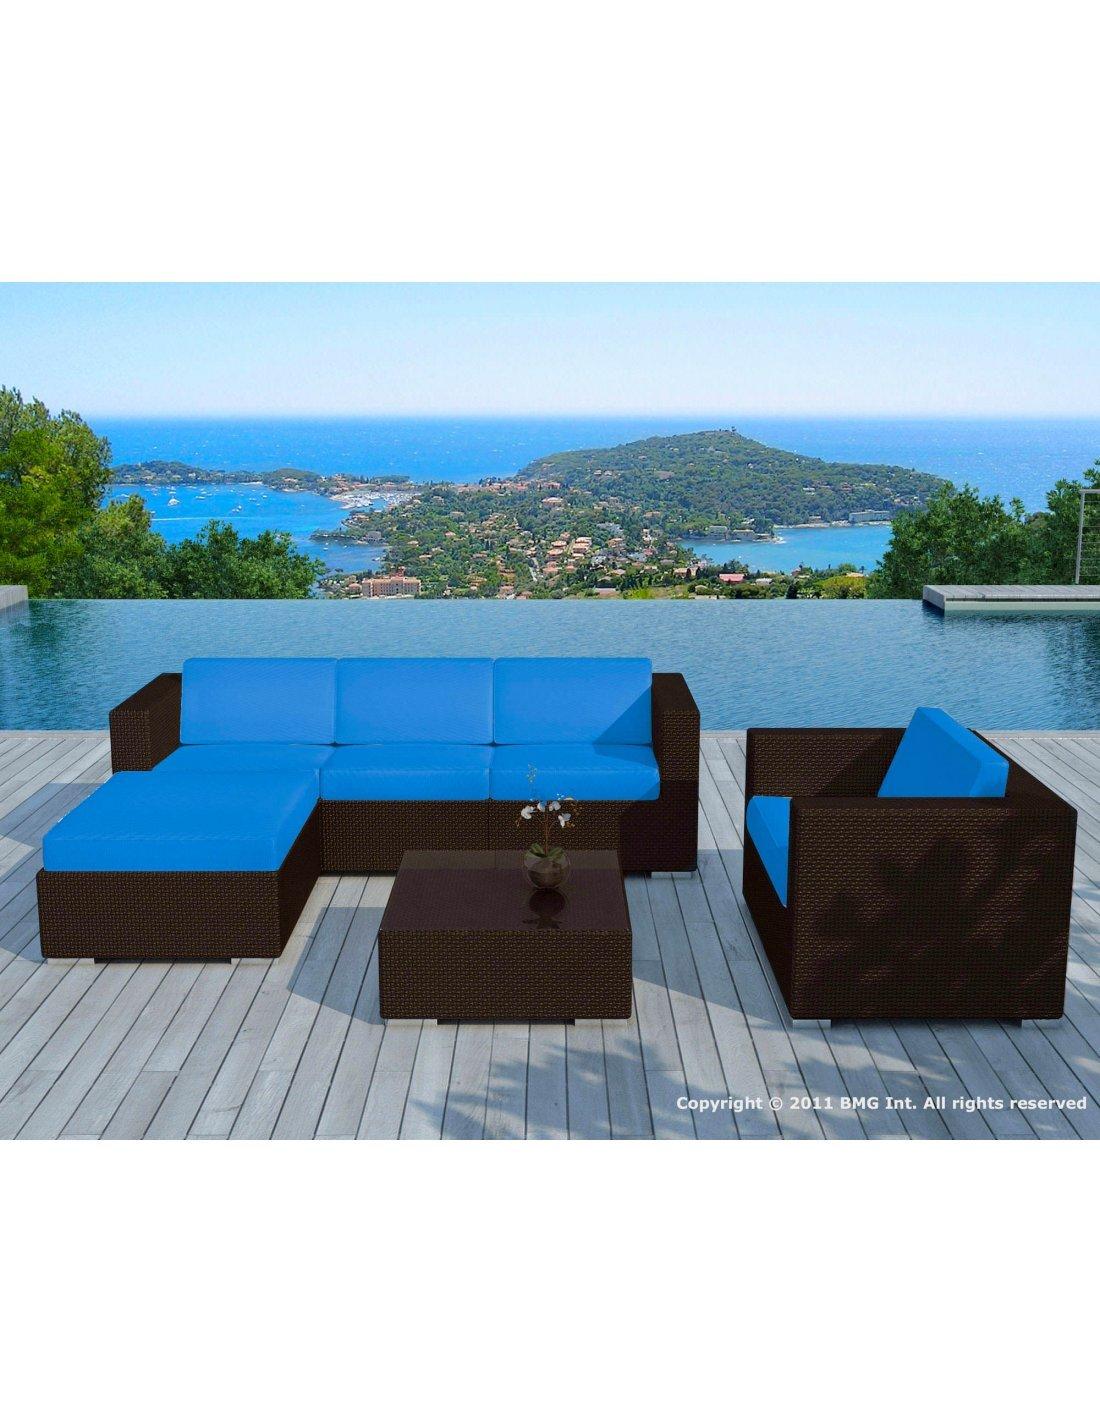 Sd8201 Turquoise (Sd8201 Choco-White + Housse Turquoise)- Salon De ...